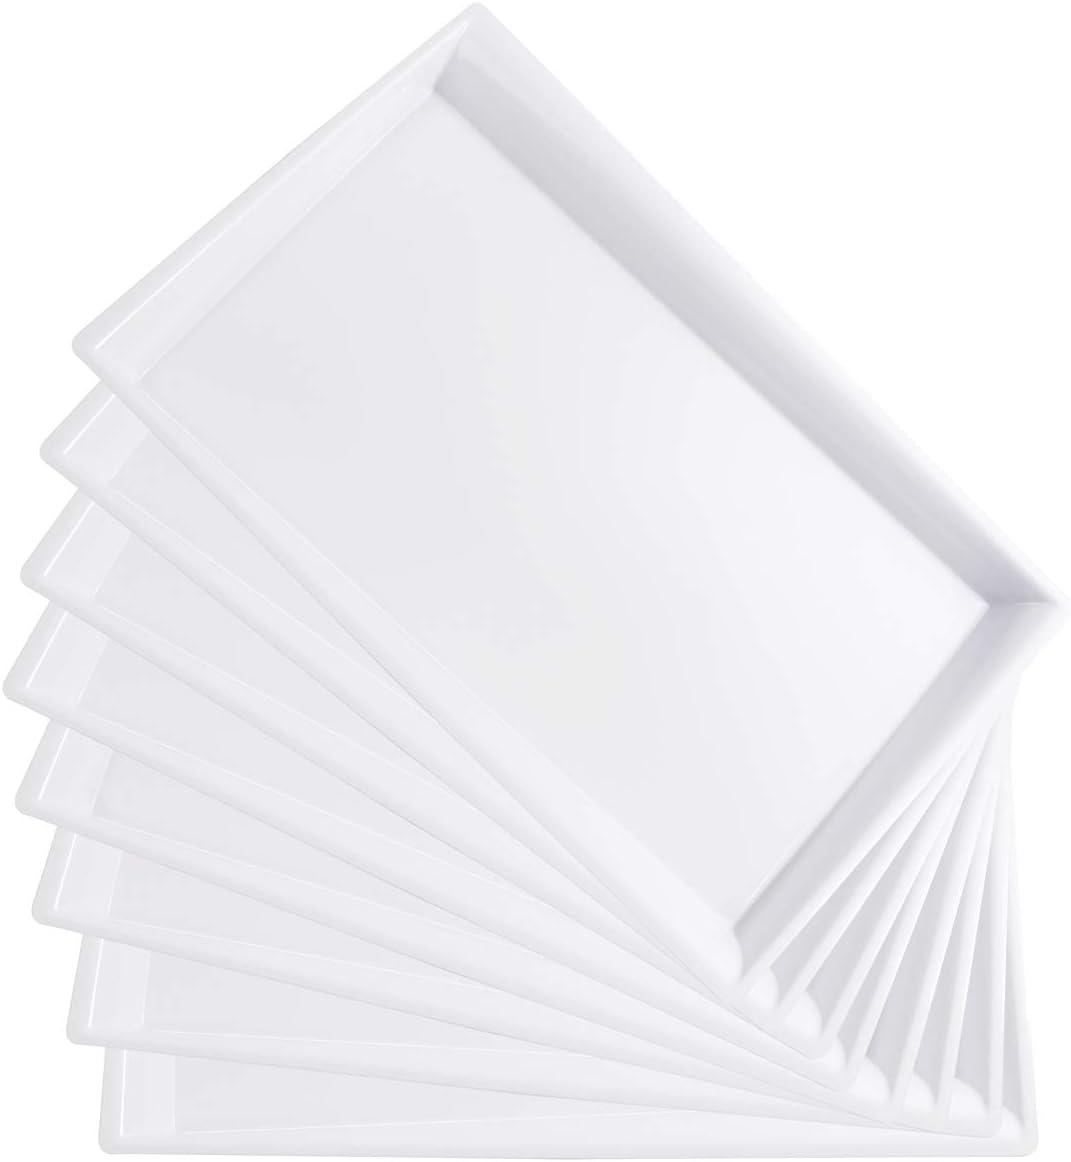 I00000 8 Pack White Plastic Serving Tray, 15